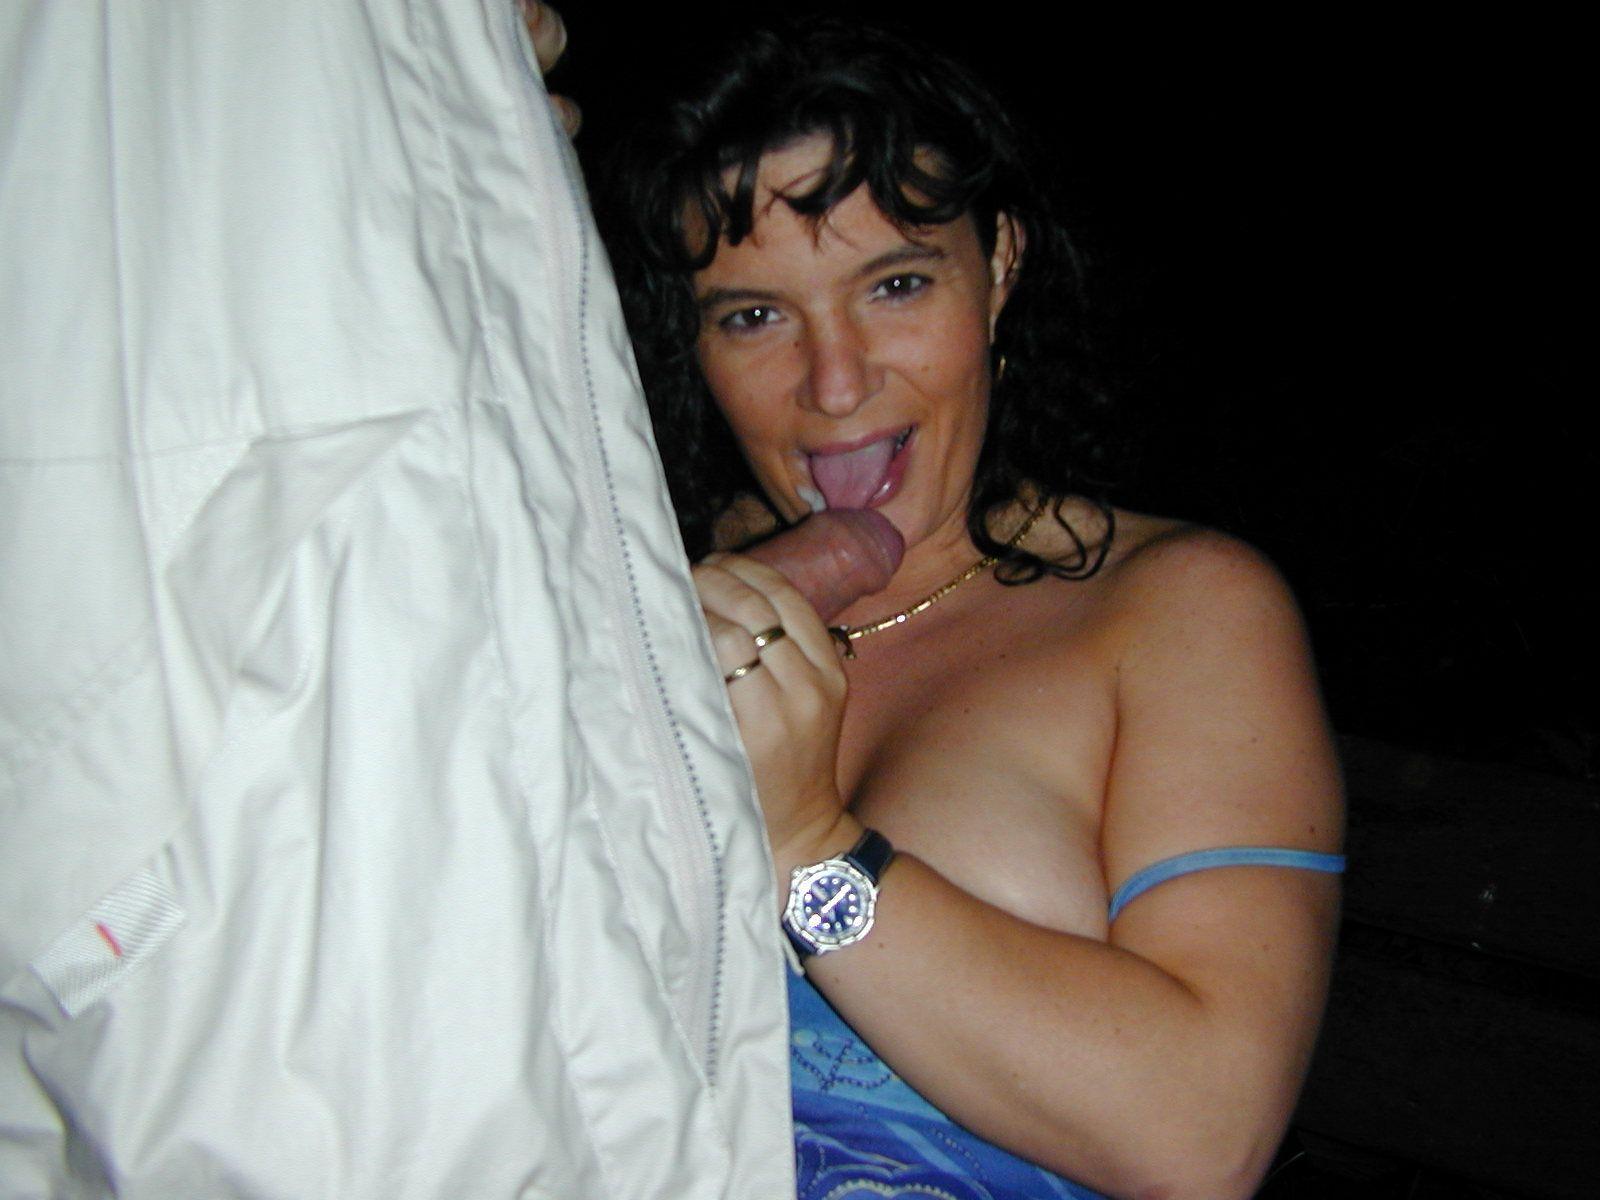 Сидя на лавке брюнетка сосет член пока другой ее лапает за грудь